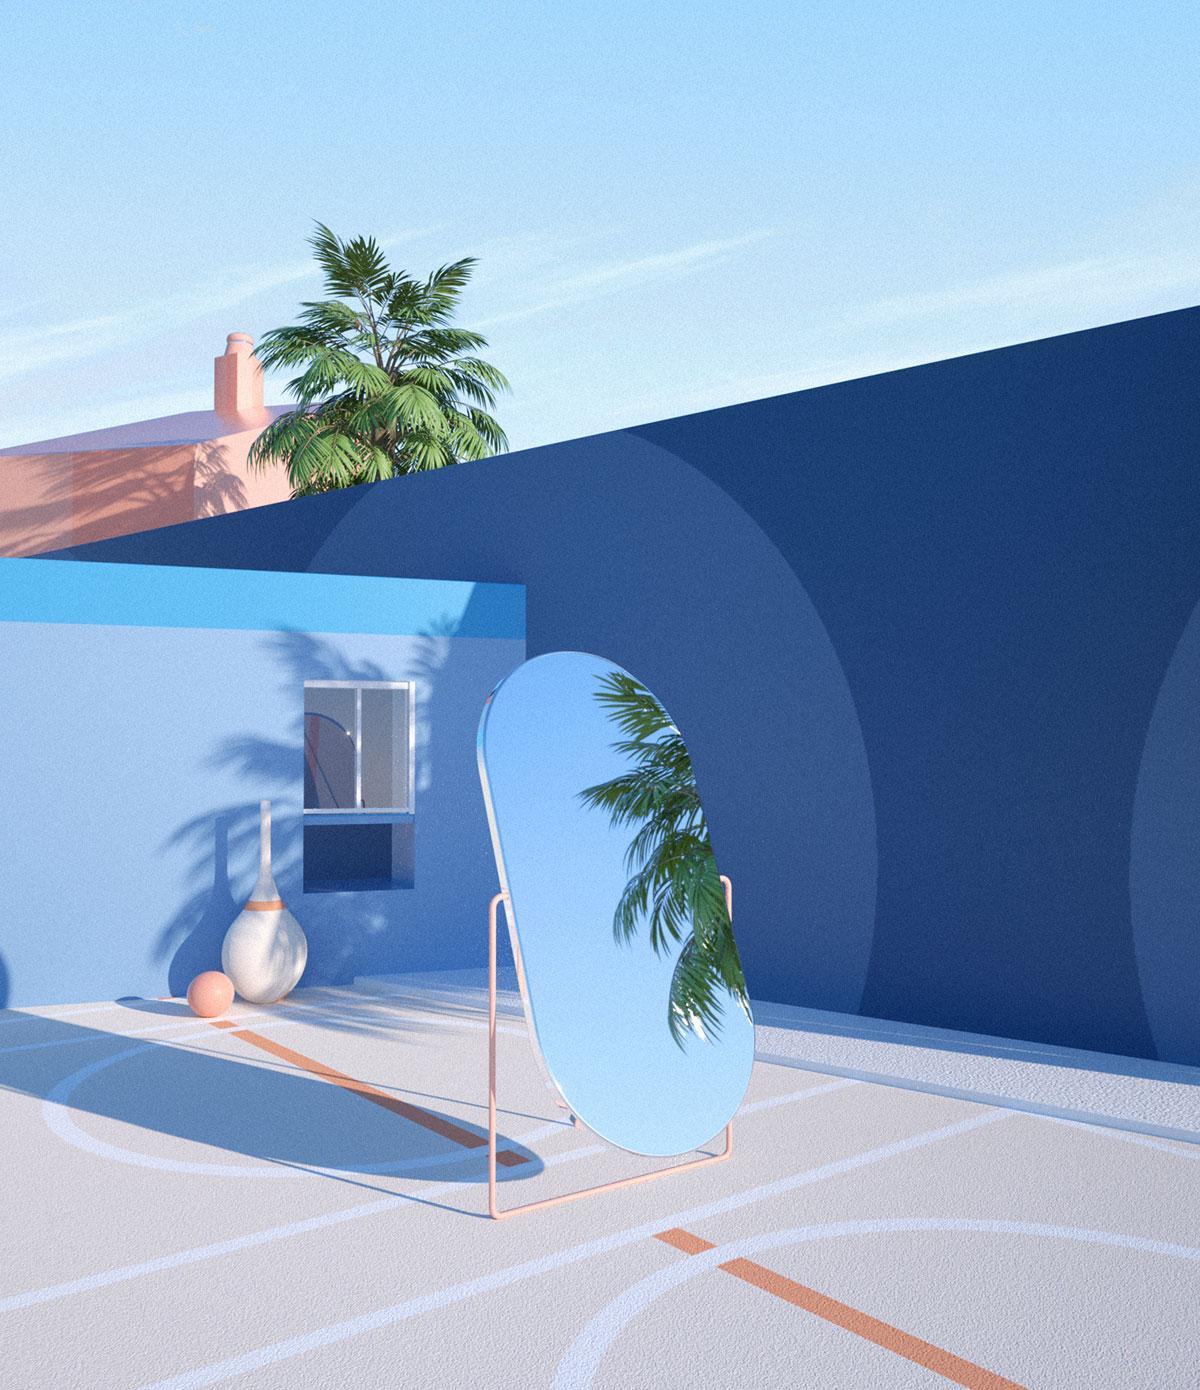 Exterior de casa azul con espejo y palmeras.